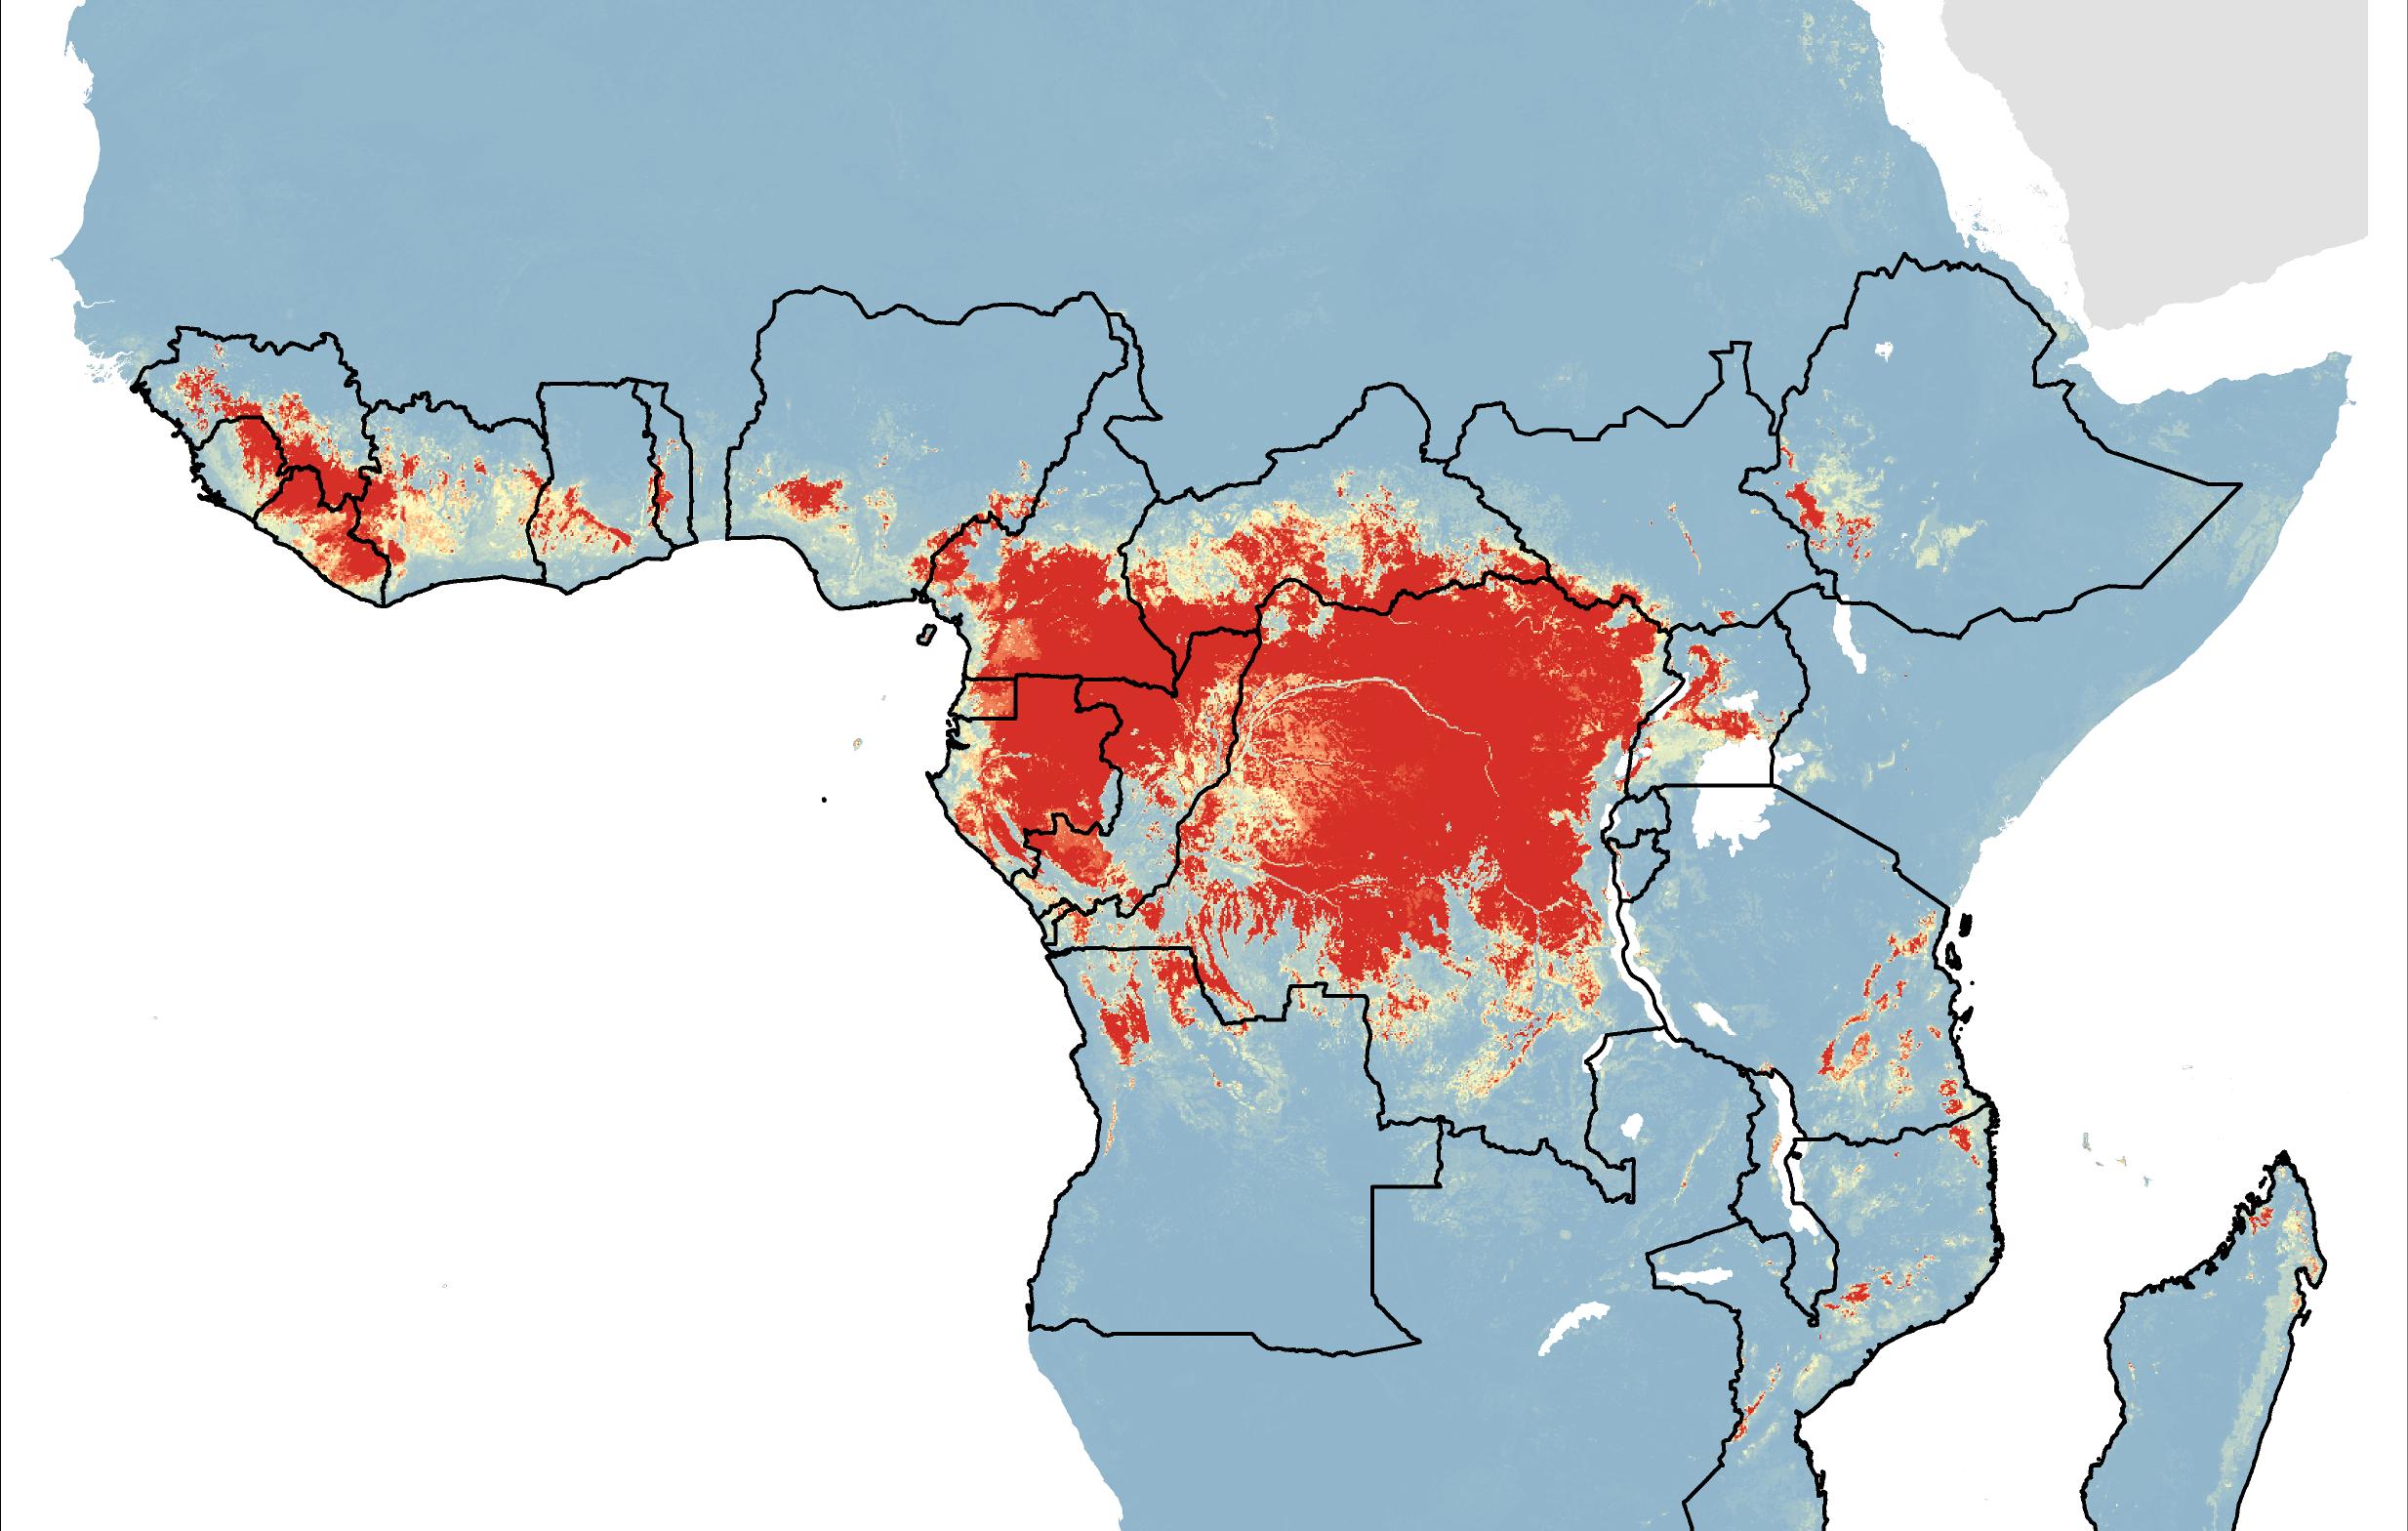 Ebola Map Africa Risk of Ebola emergence mapped | University of Oxford